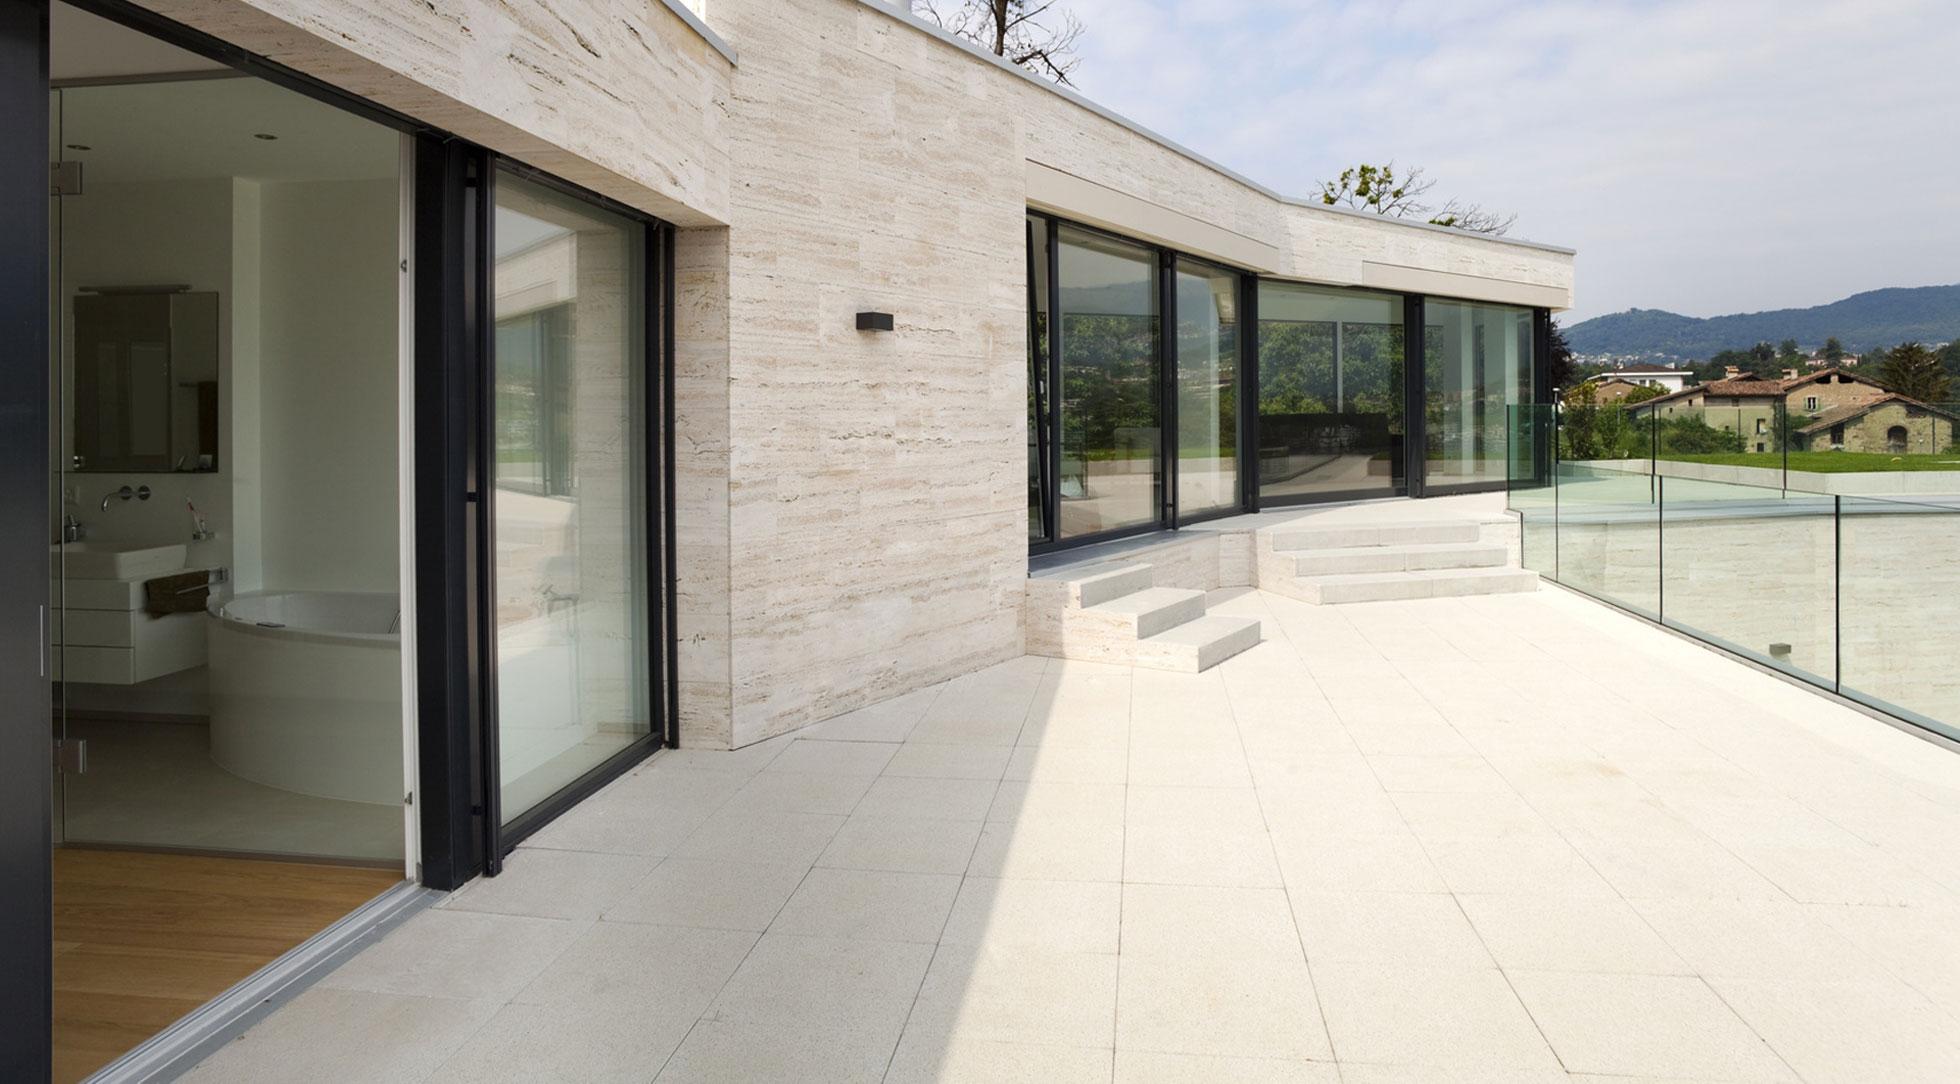 Okna Samoraj porta alzante scorrevole in pvc, due guarnizioni in EPDM